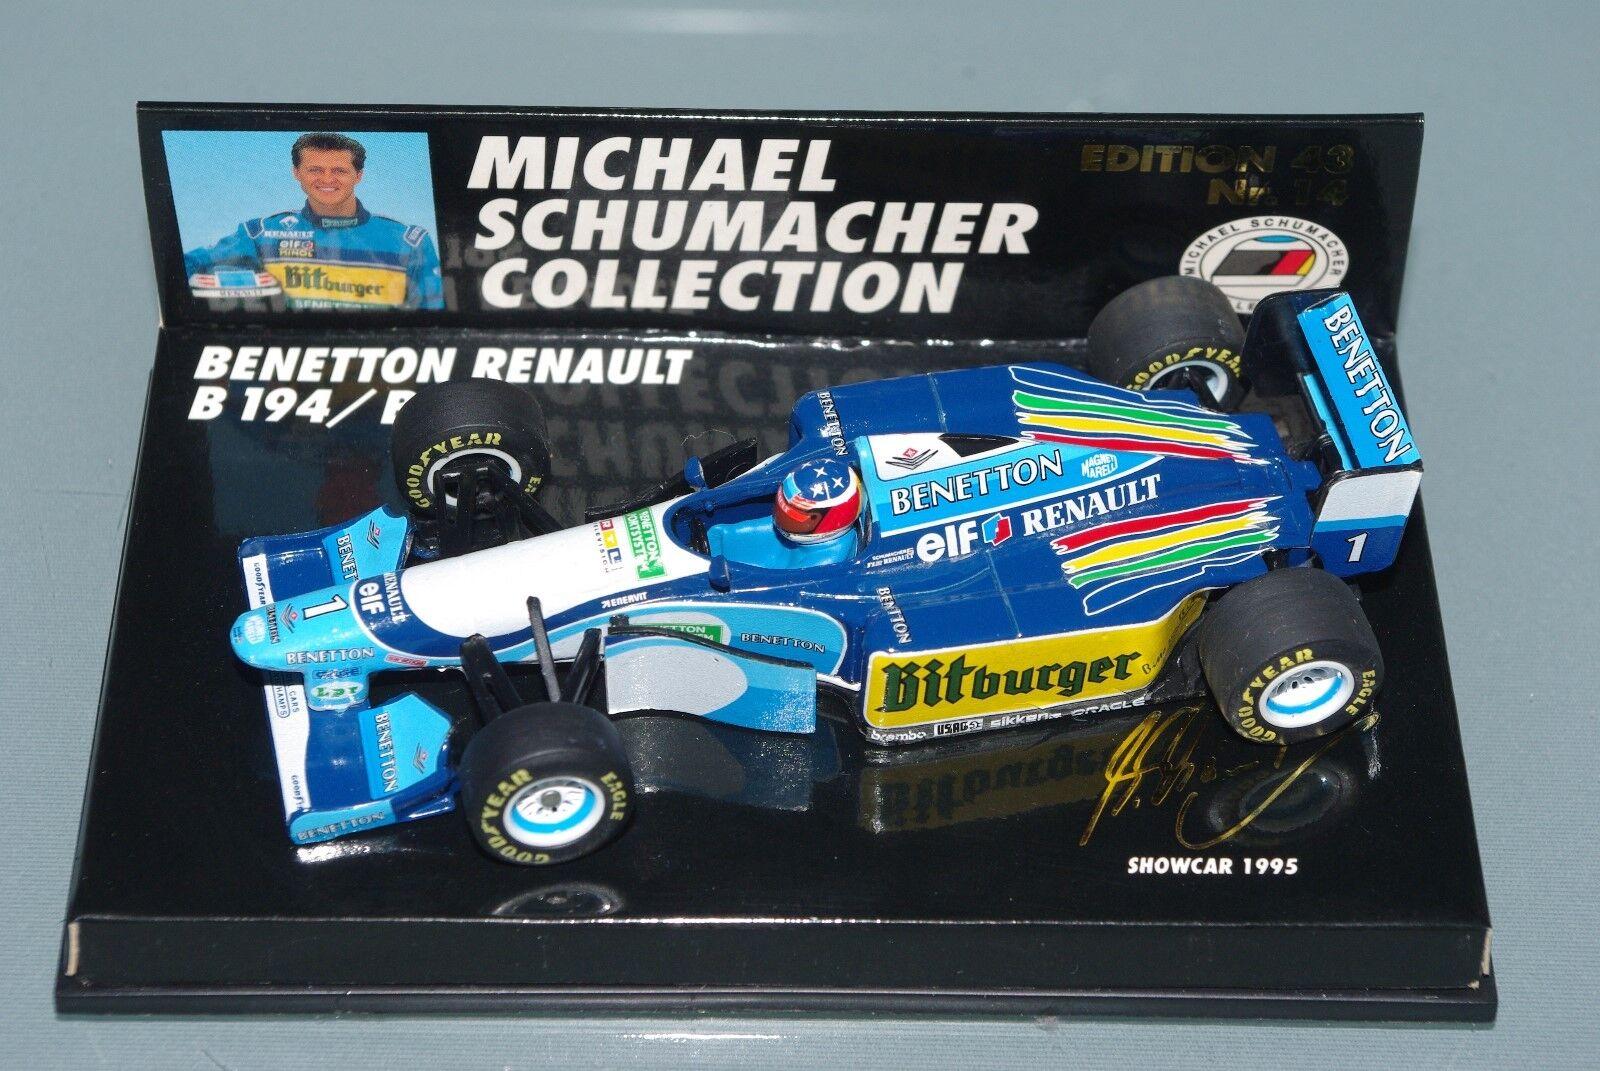 Des affiches pour des cadeaux, des coins coupés à envoyer! Joyeux Noël! Minichamps F1 1/43 Benetton Renault B194/B195 CAR 1995-Michael Schumacher | Matériaux De Qualité  | Paquet Solide Et élégant  | économie